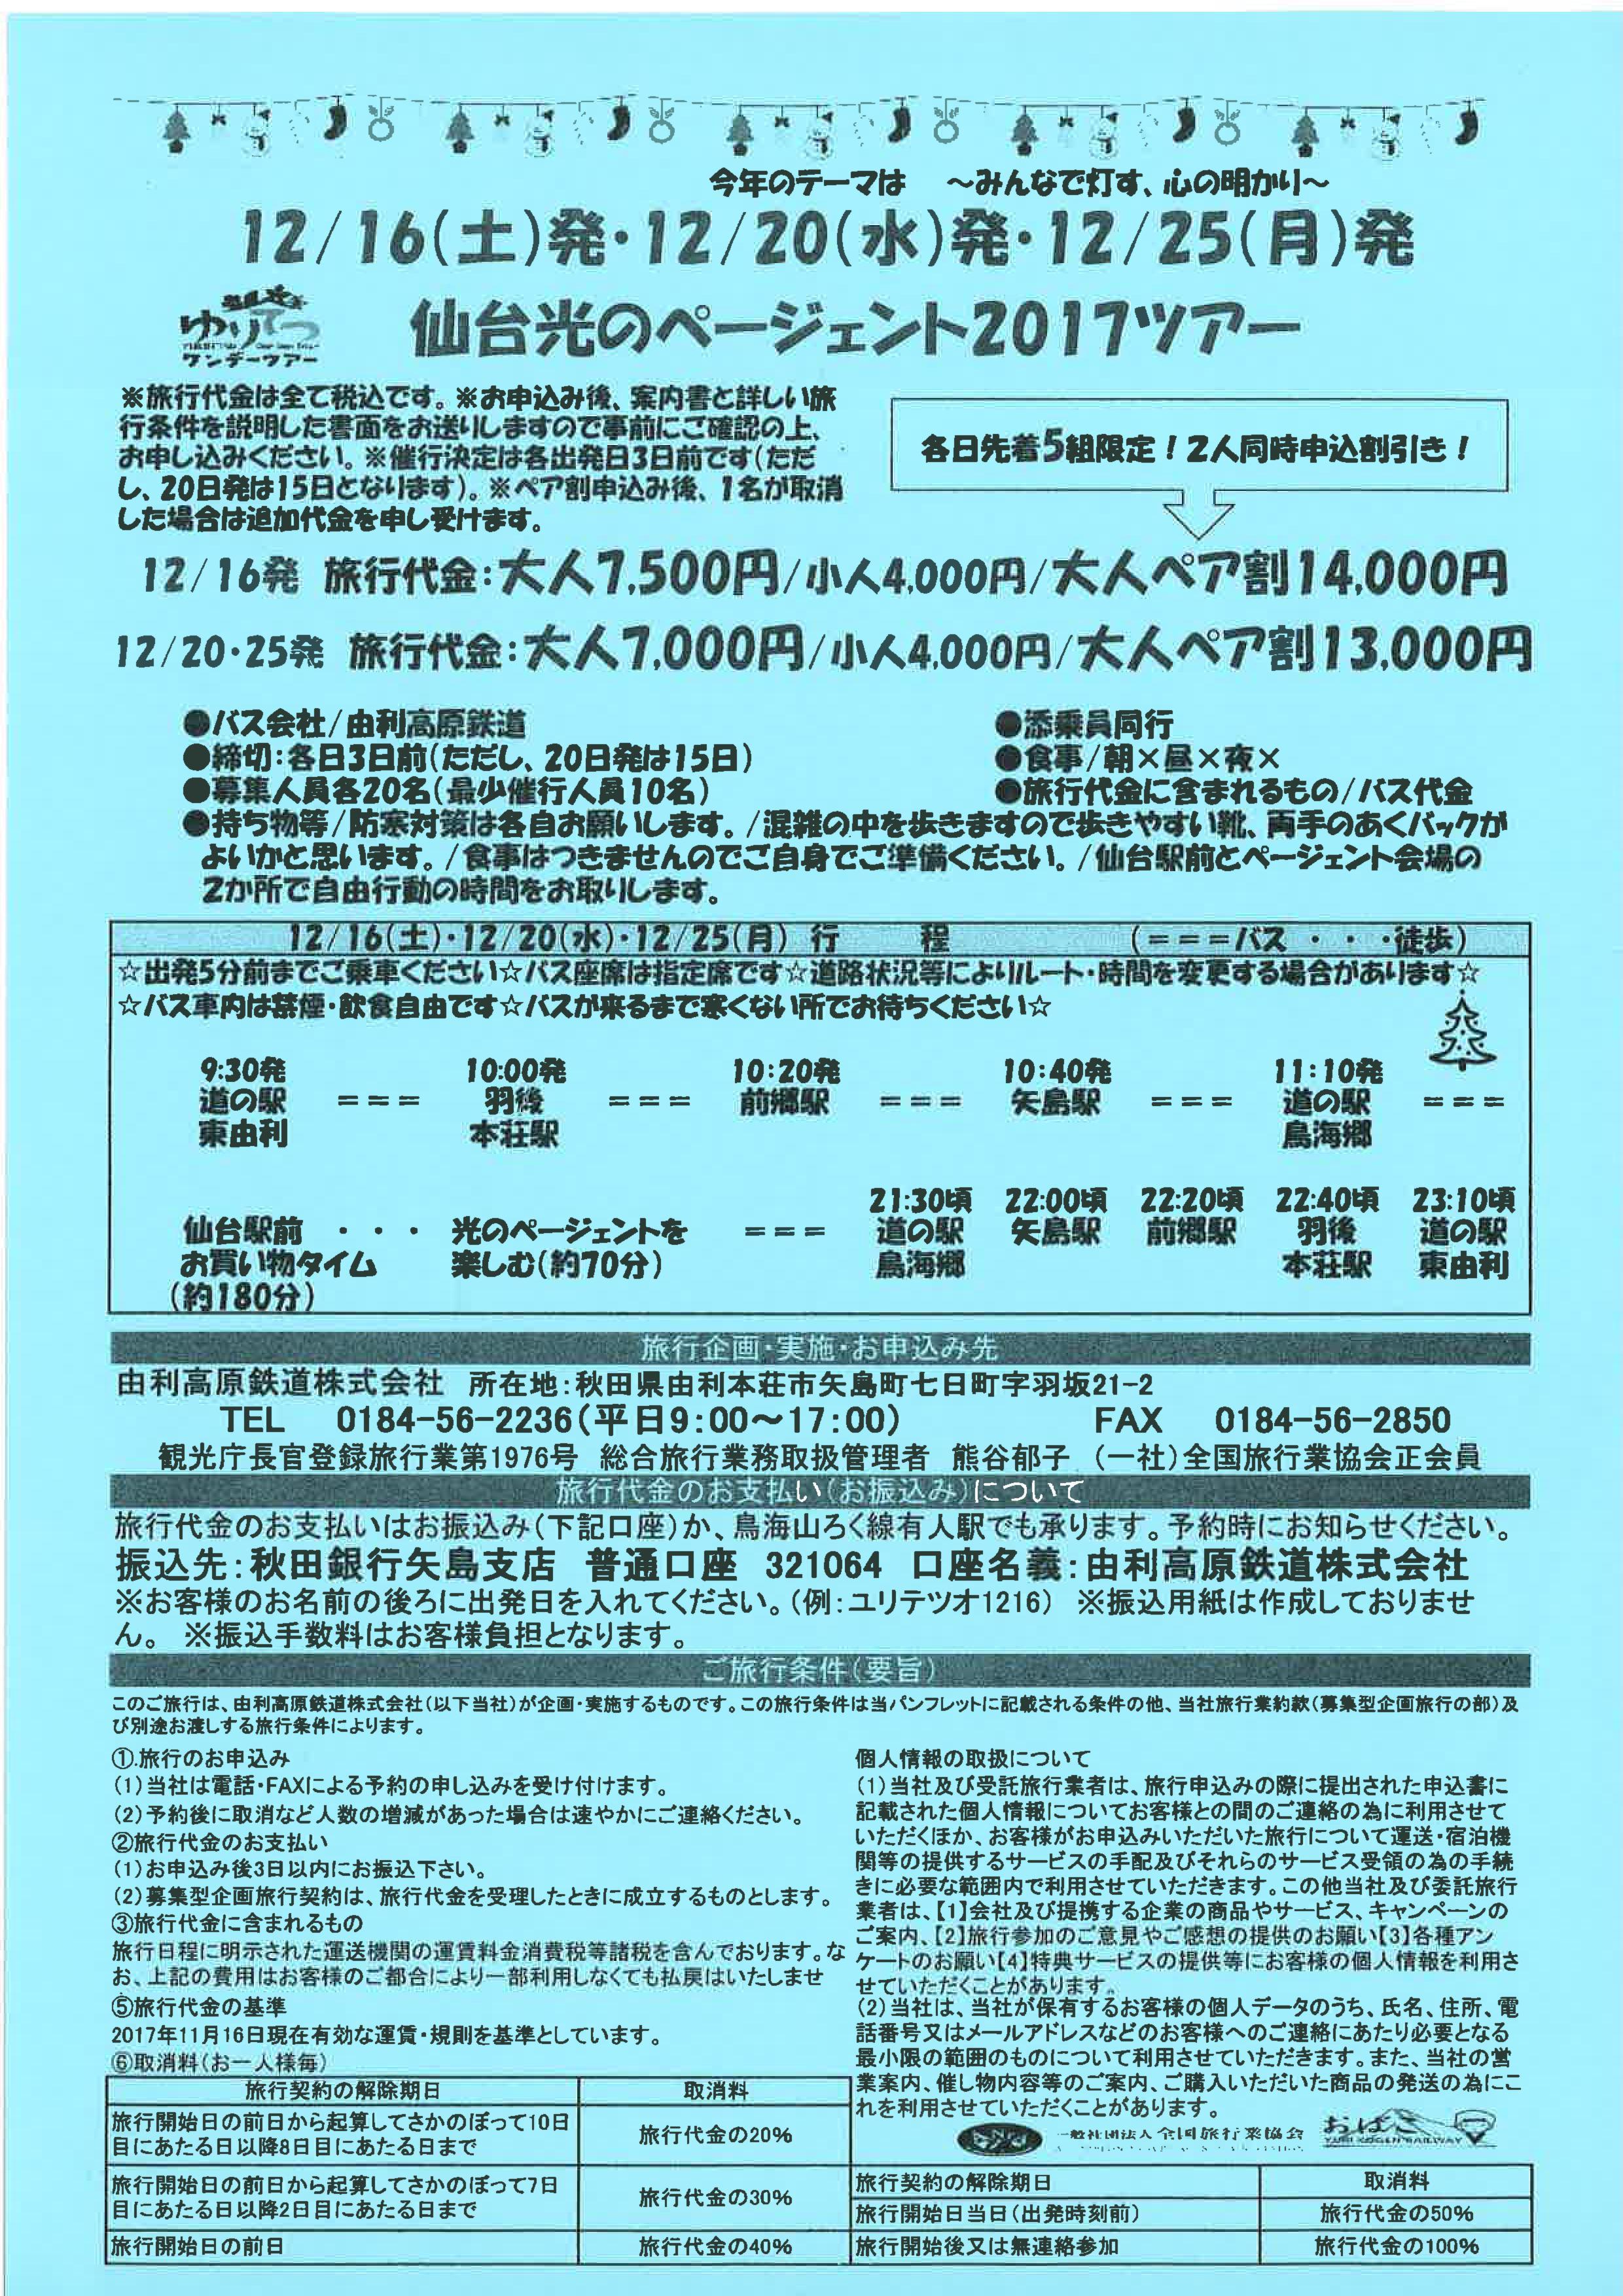 仙台光のページェント2017ツアー